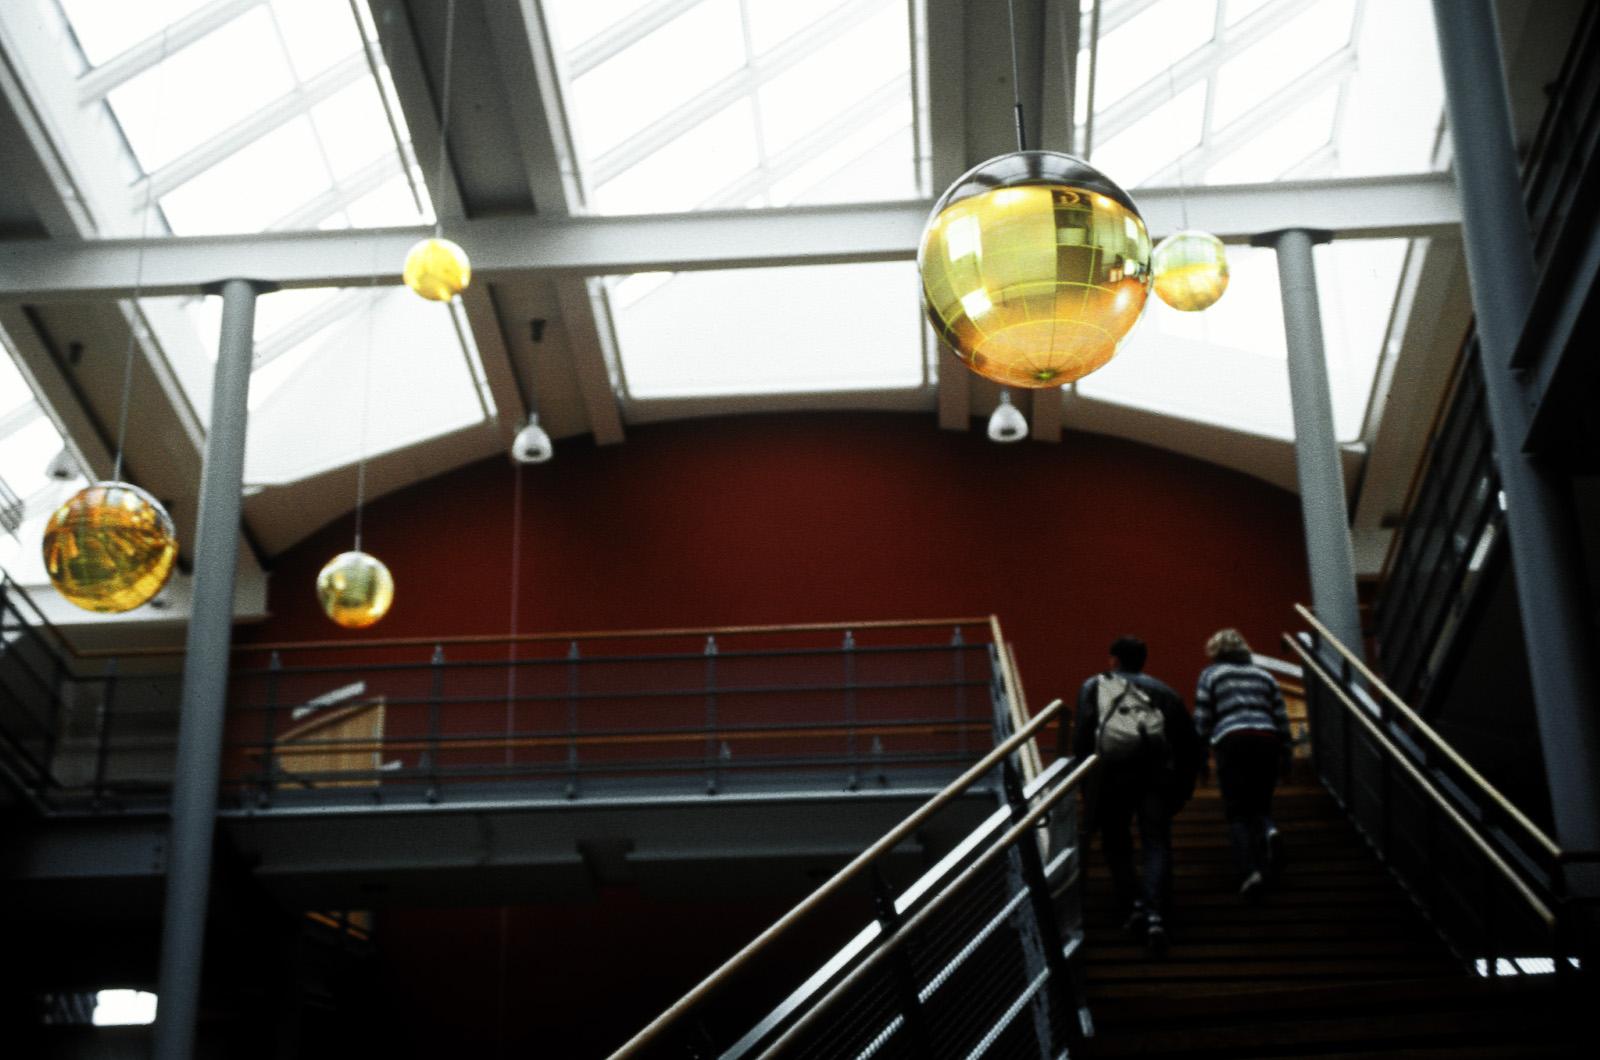 Två stora och tre små gula och upplysta globarmaturer hänger på olika höjd i entréhallens tak. Mats Bigert och Lars Bergström, Tanke inkognito/Rum för reflexion